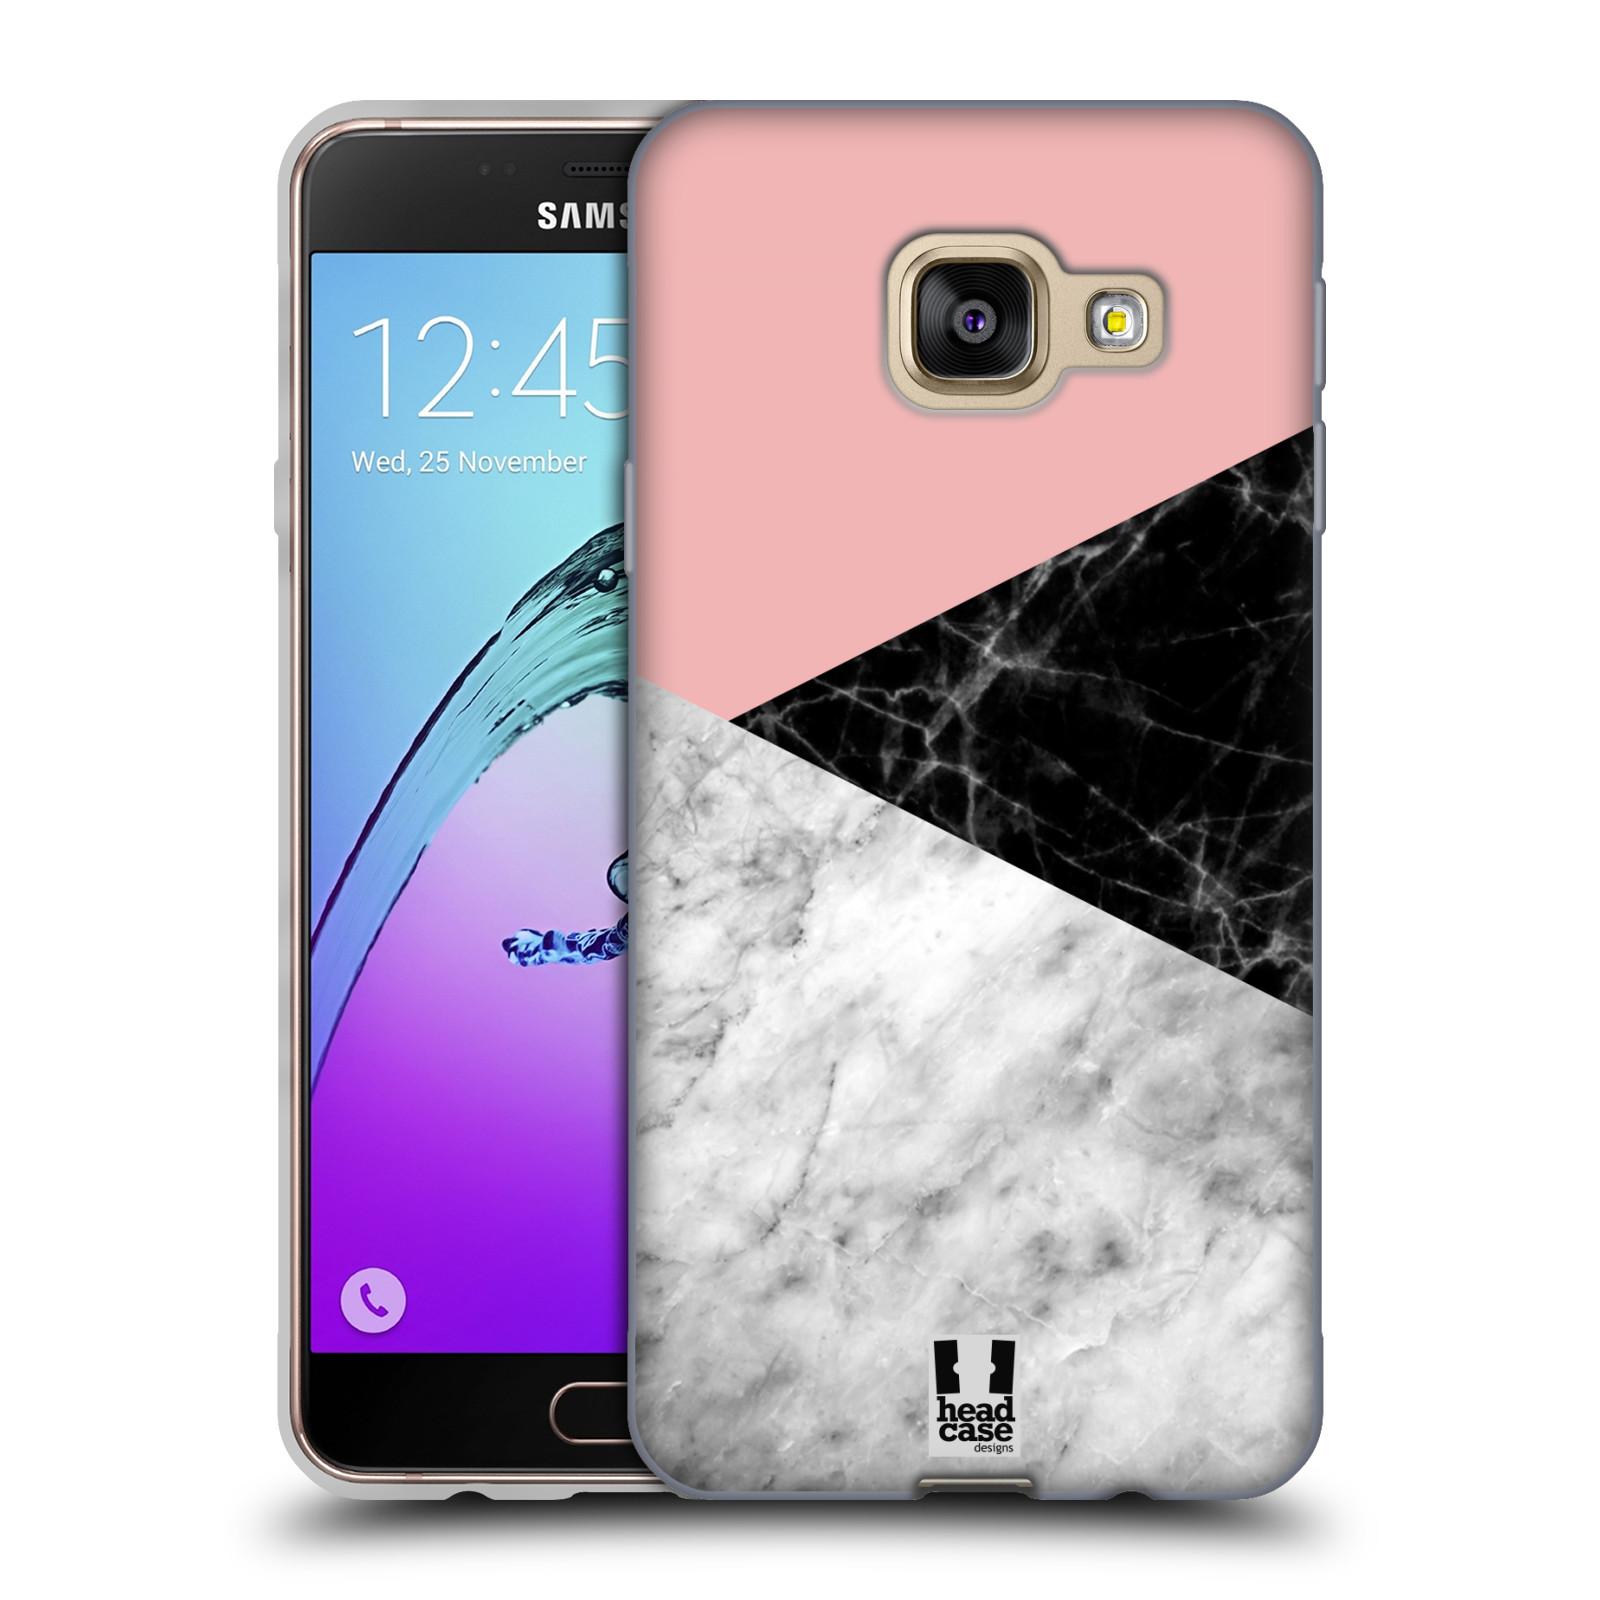 Silikonové pouzdro na mobil Samsung Galaxy A3 (2016) - Head Case - Mramor mix